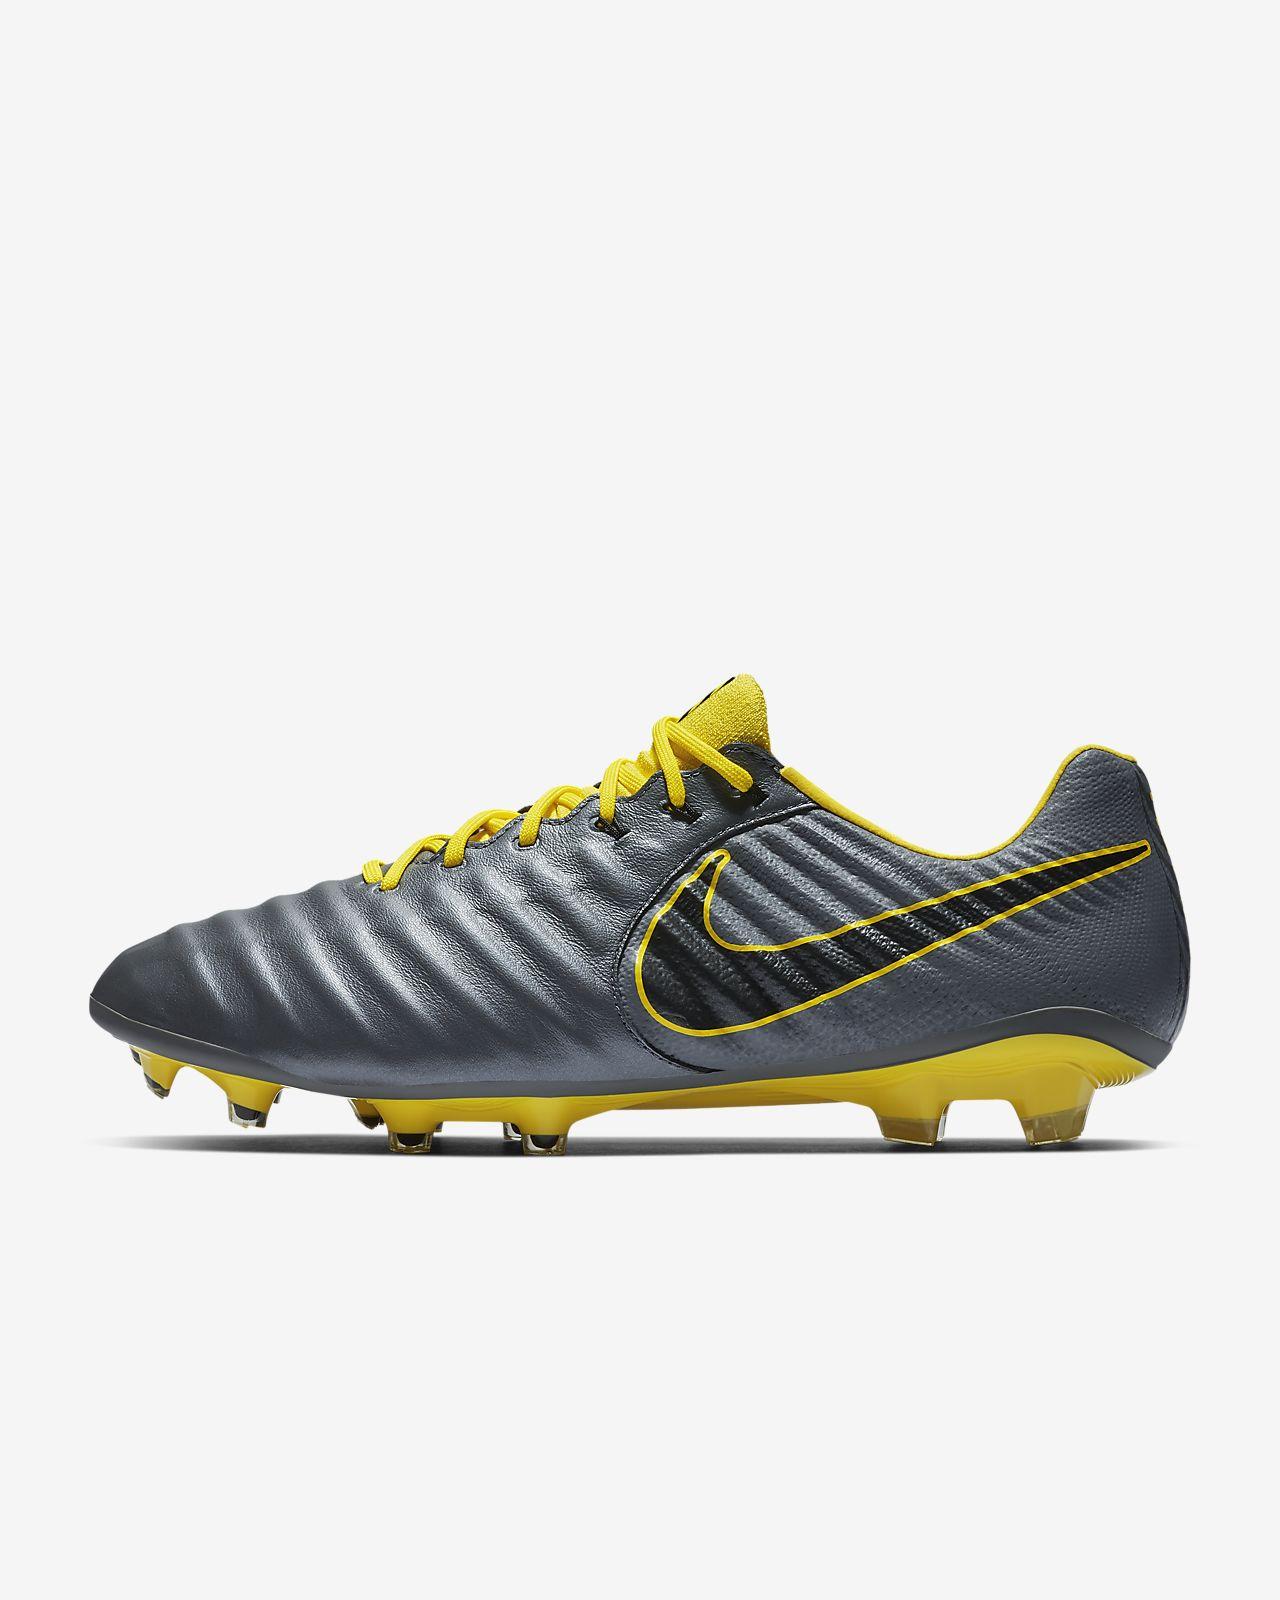 huge selection of b76c1 90489 ... Nike Legend 7 Elite FG Game Over-fodboldstøvle til græs